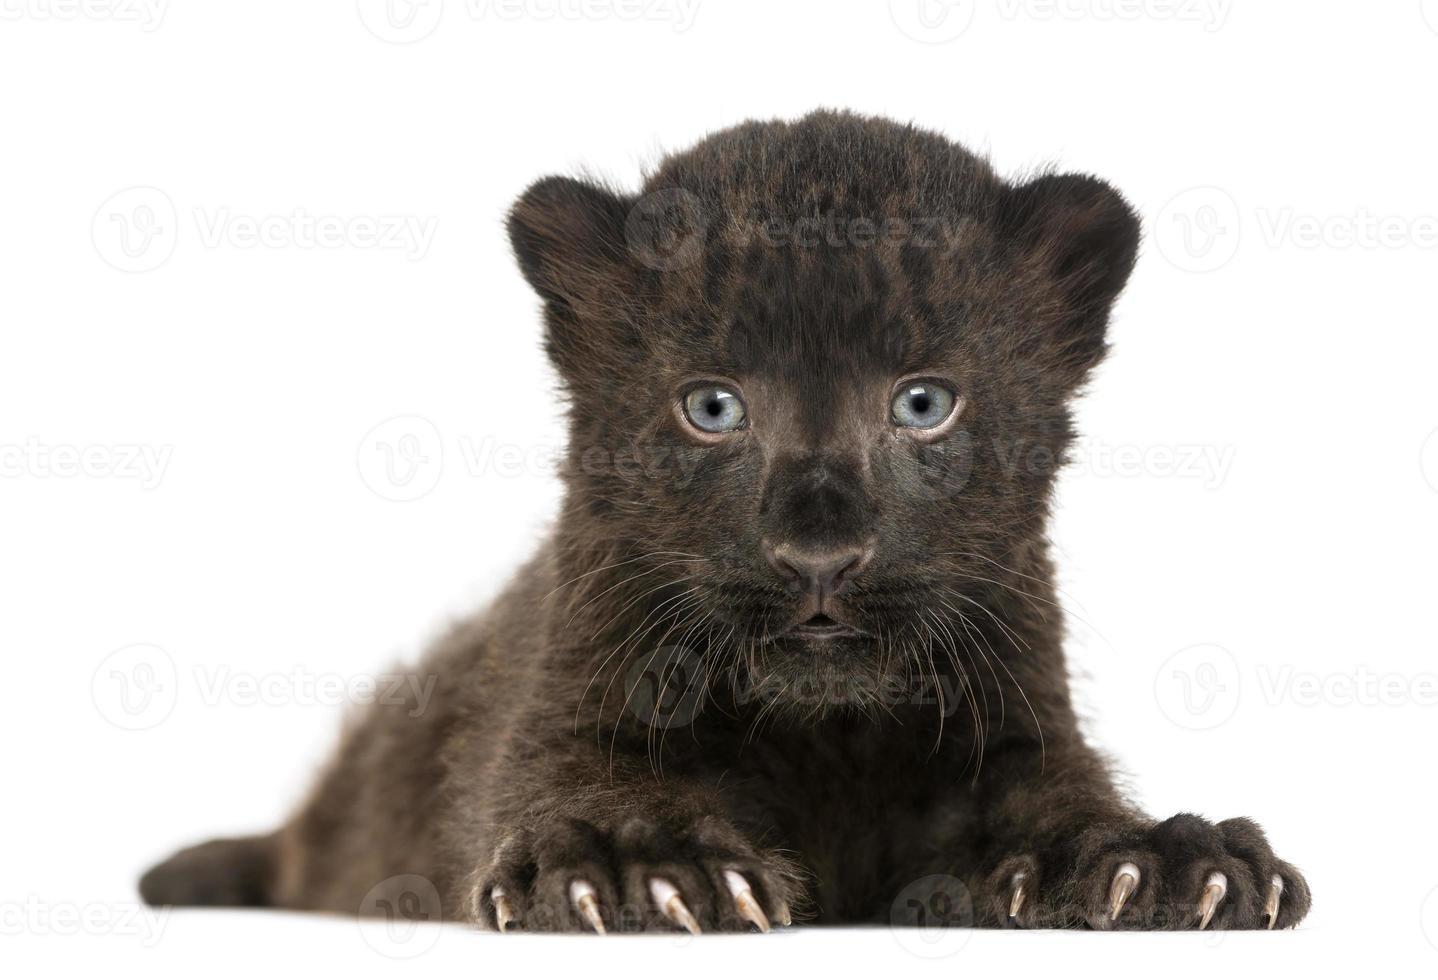 zwarte luipaardwelp onder ogen zien en liggen, geïsoleerd foto